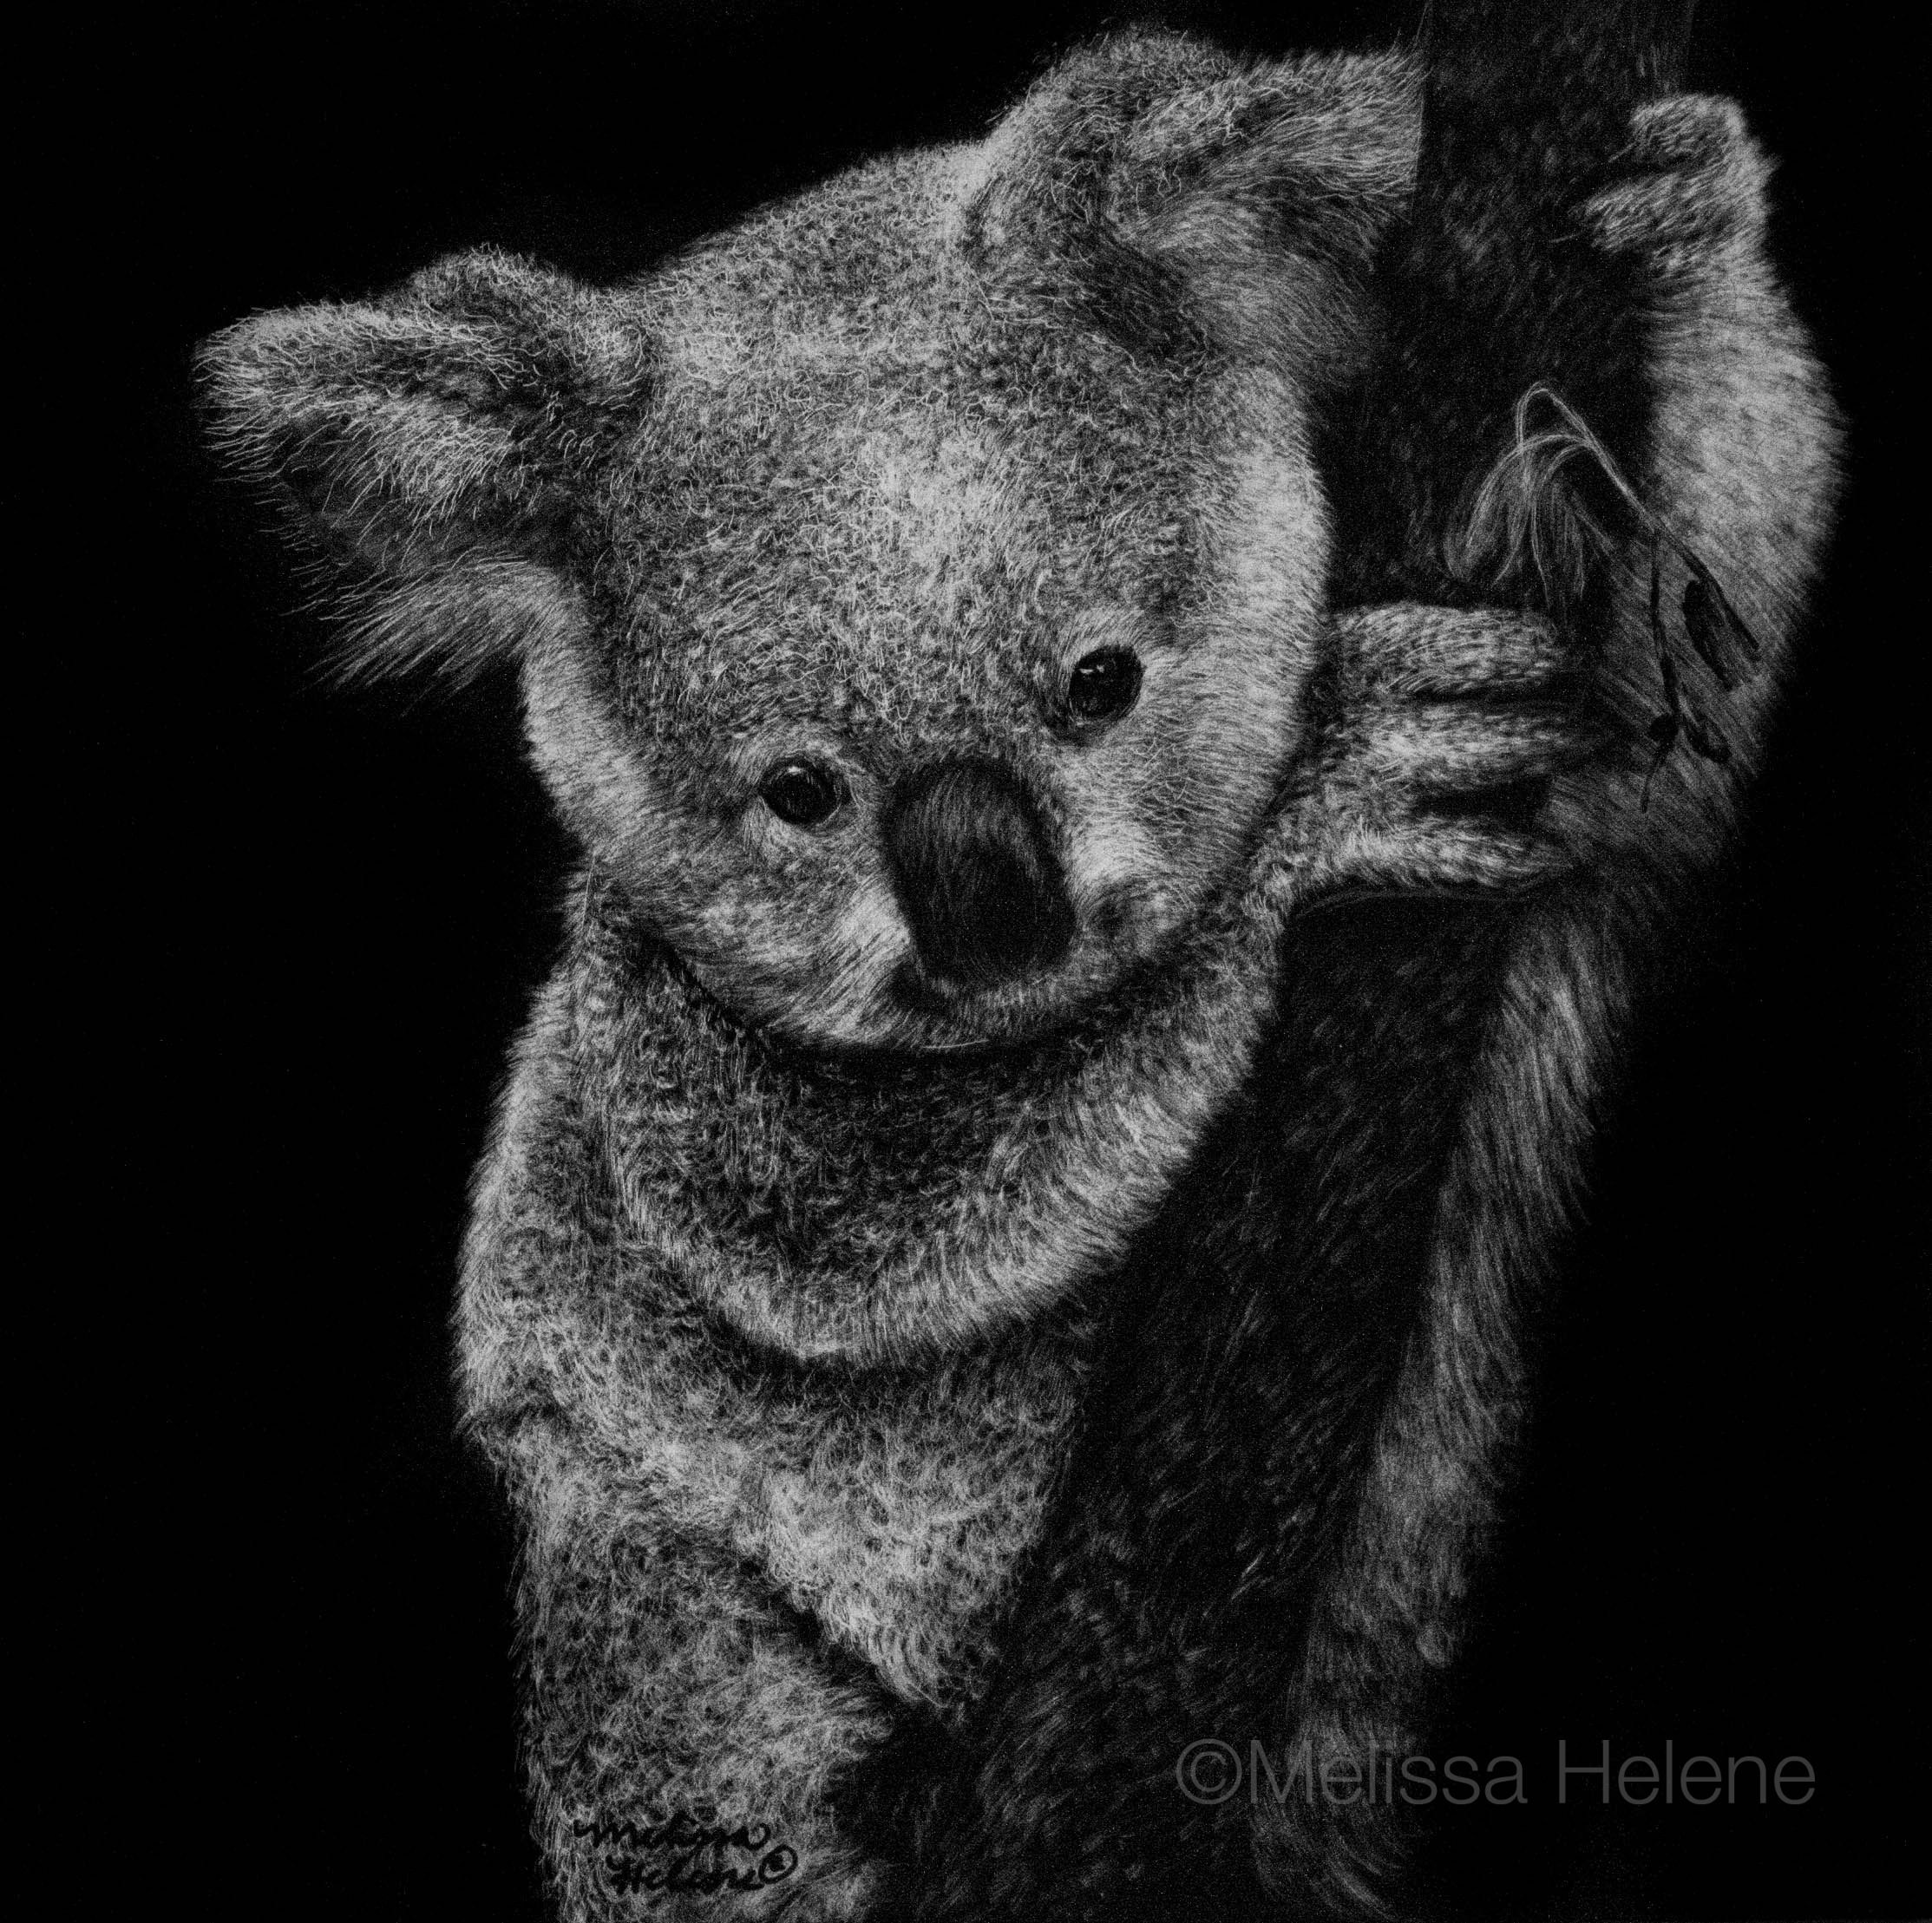 Melissa Helene | Blog: Art & Our World Endangered Species ...